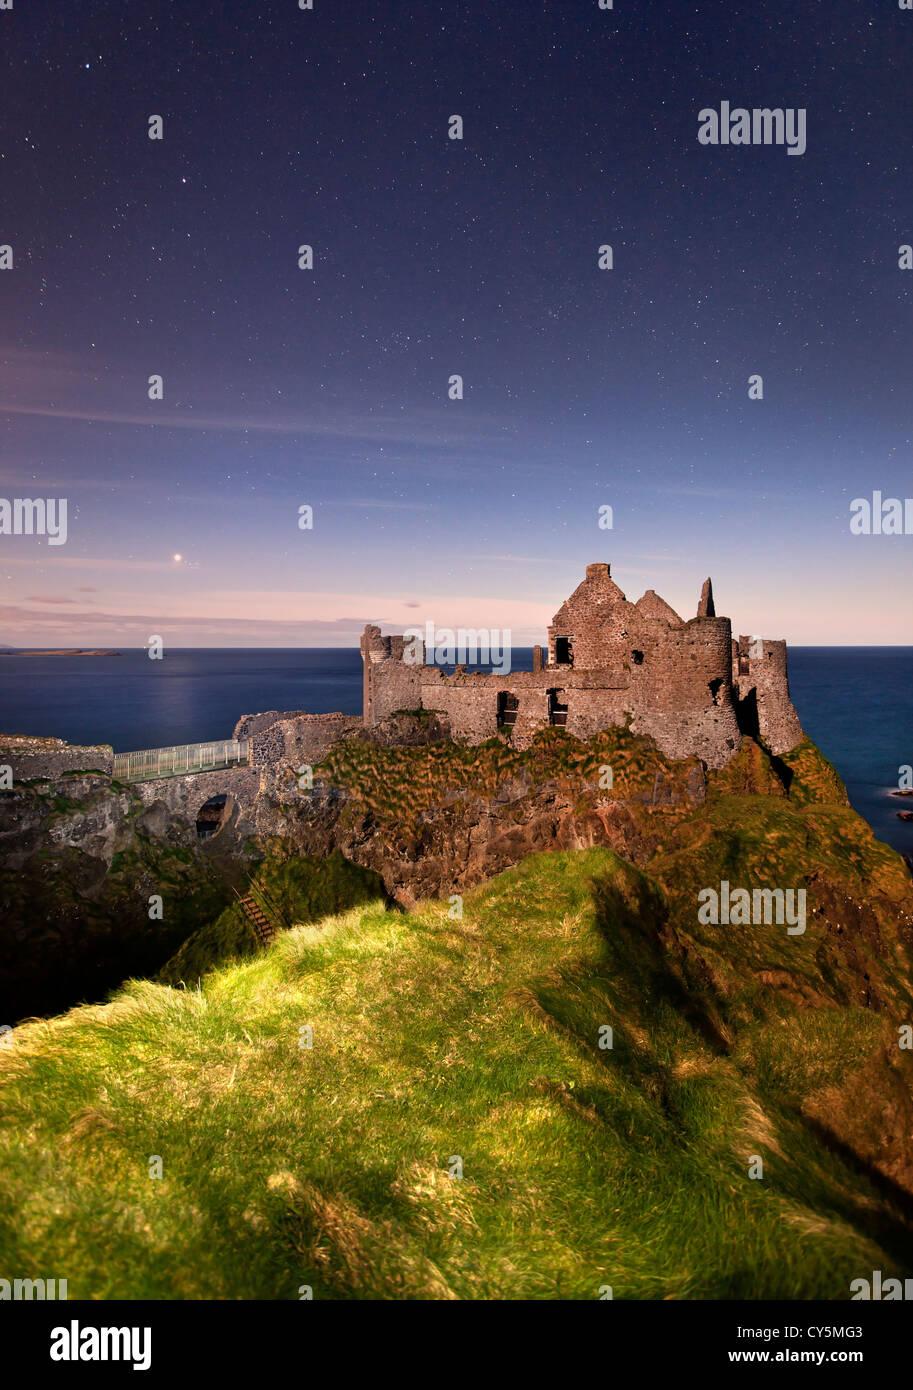 Dunluce Castle catturati durante la notte alla luce della luna. Immagini Stock